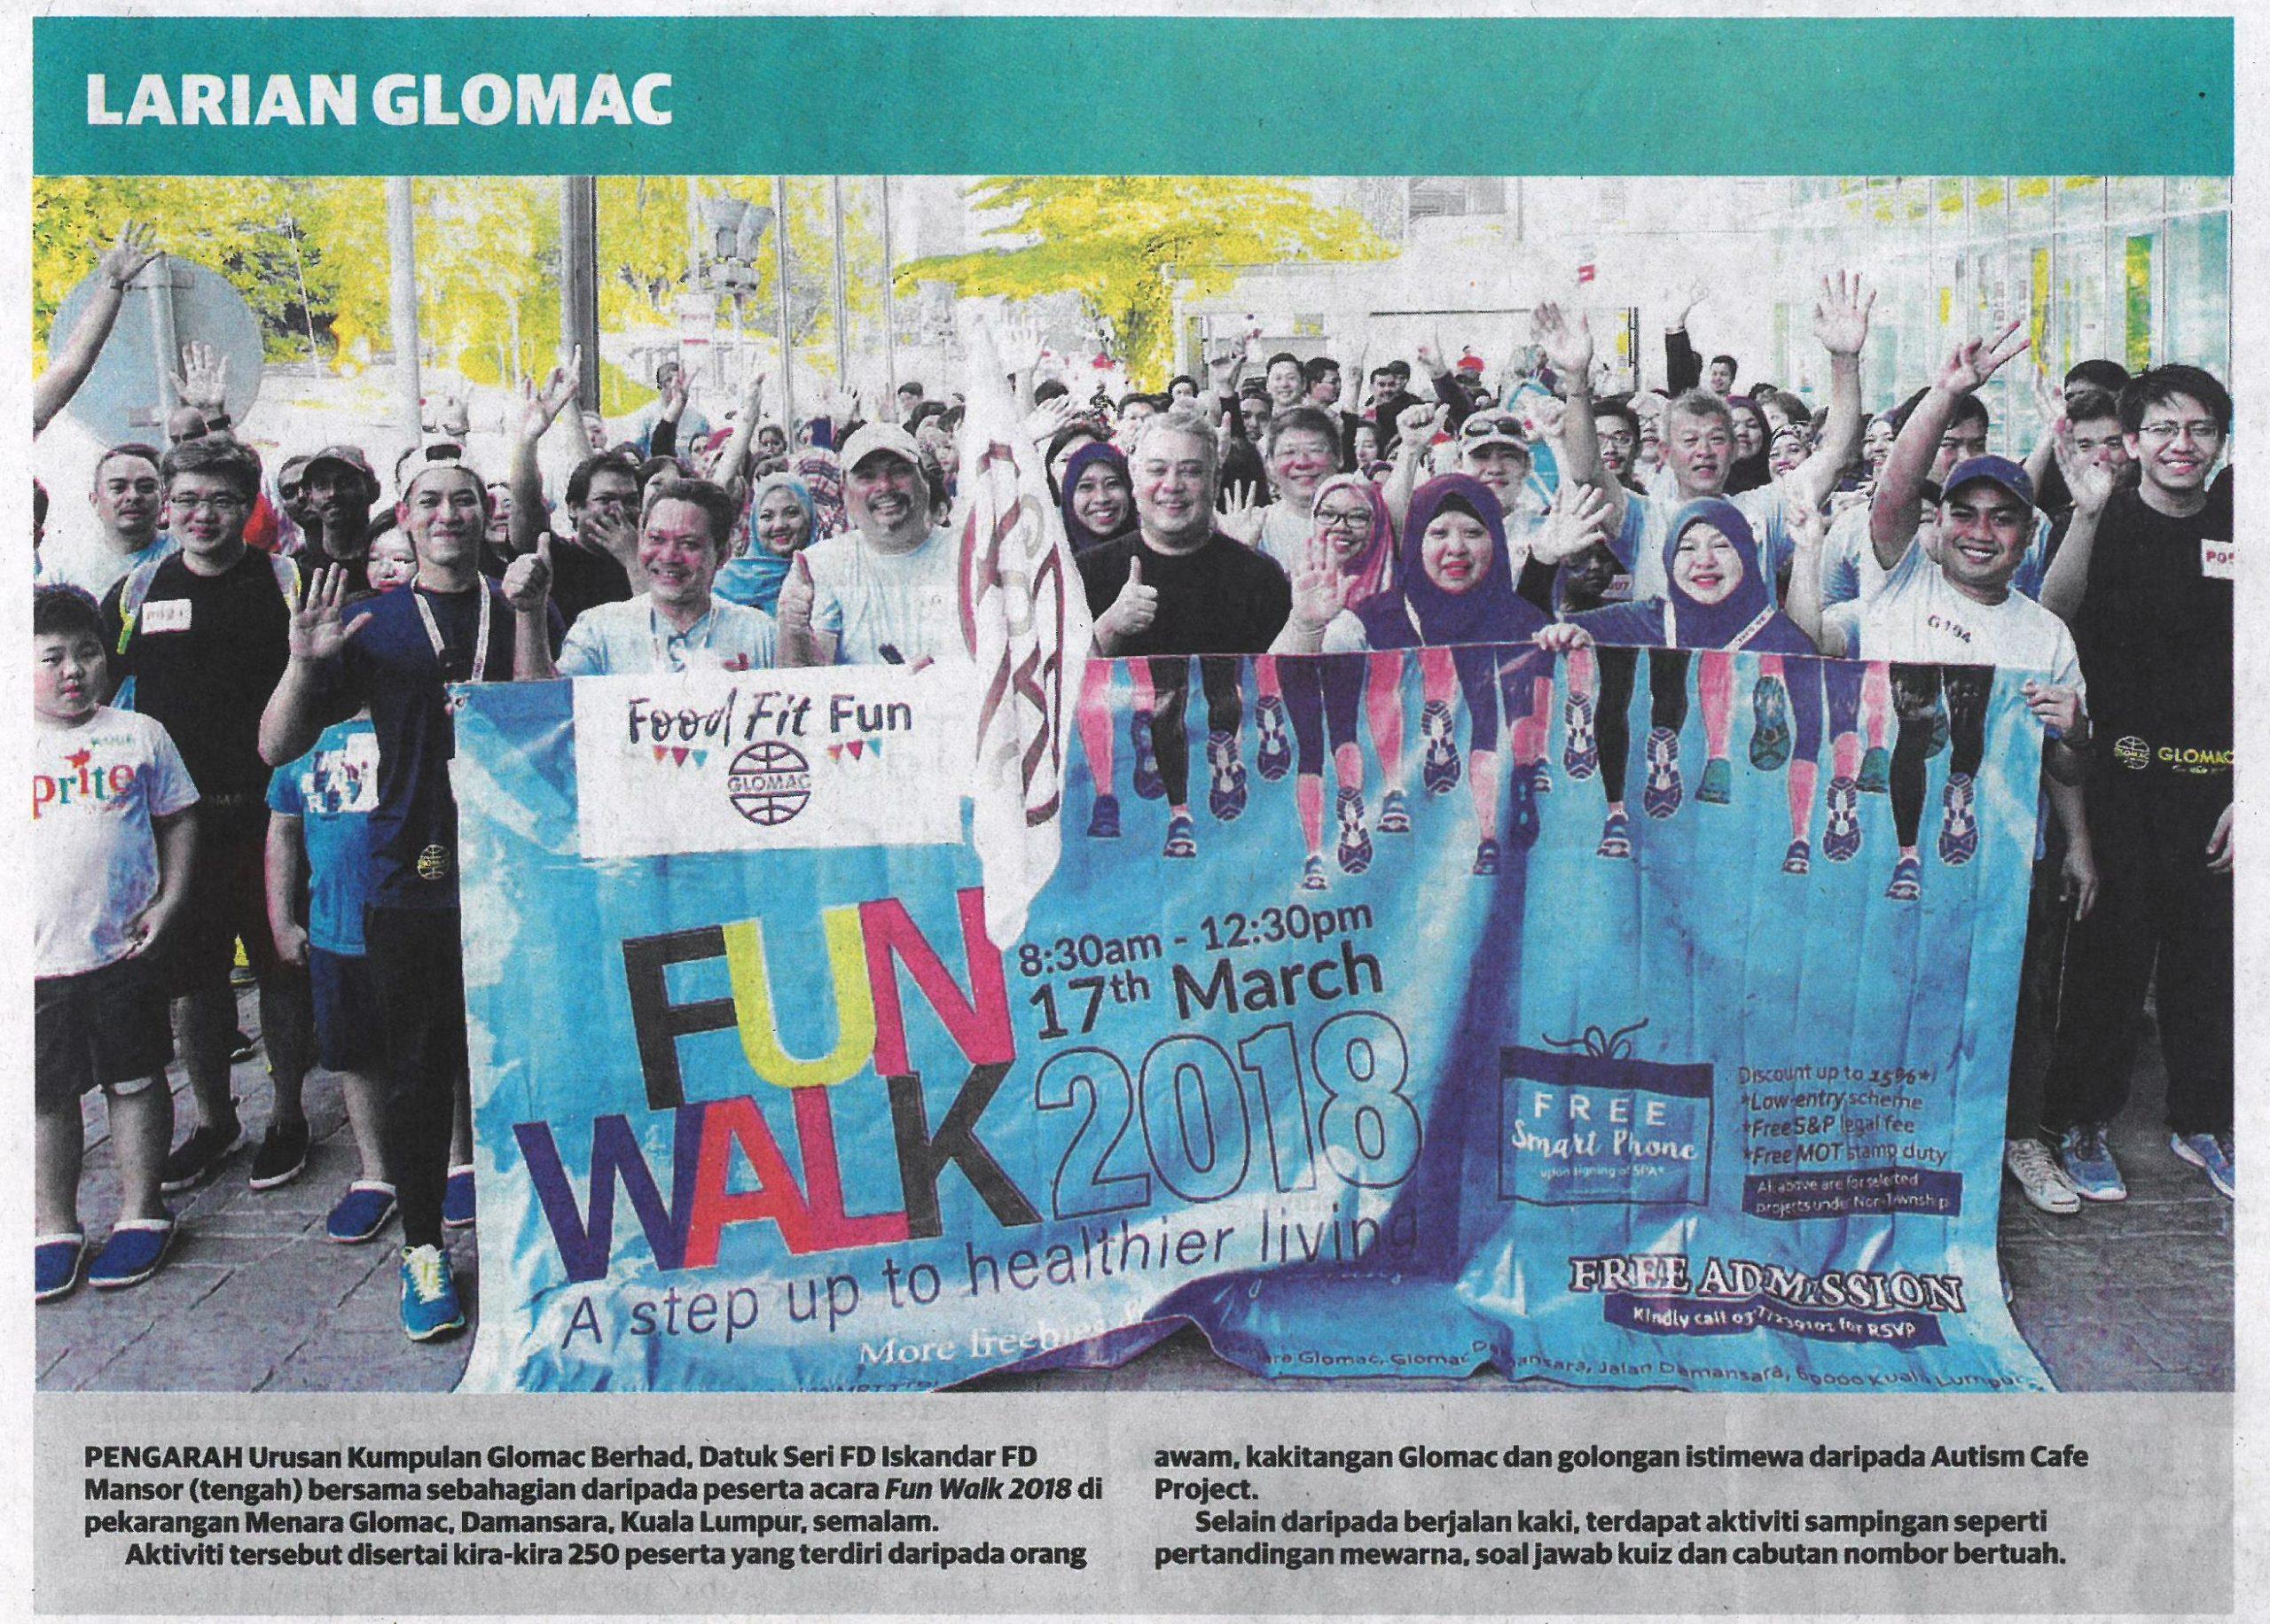 Glomac 2018 Fun Walk